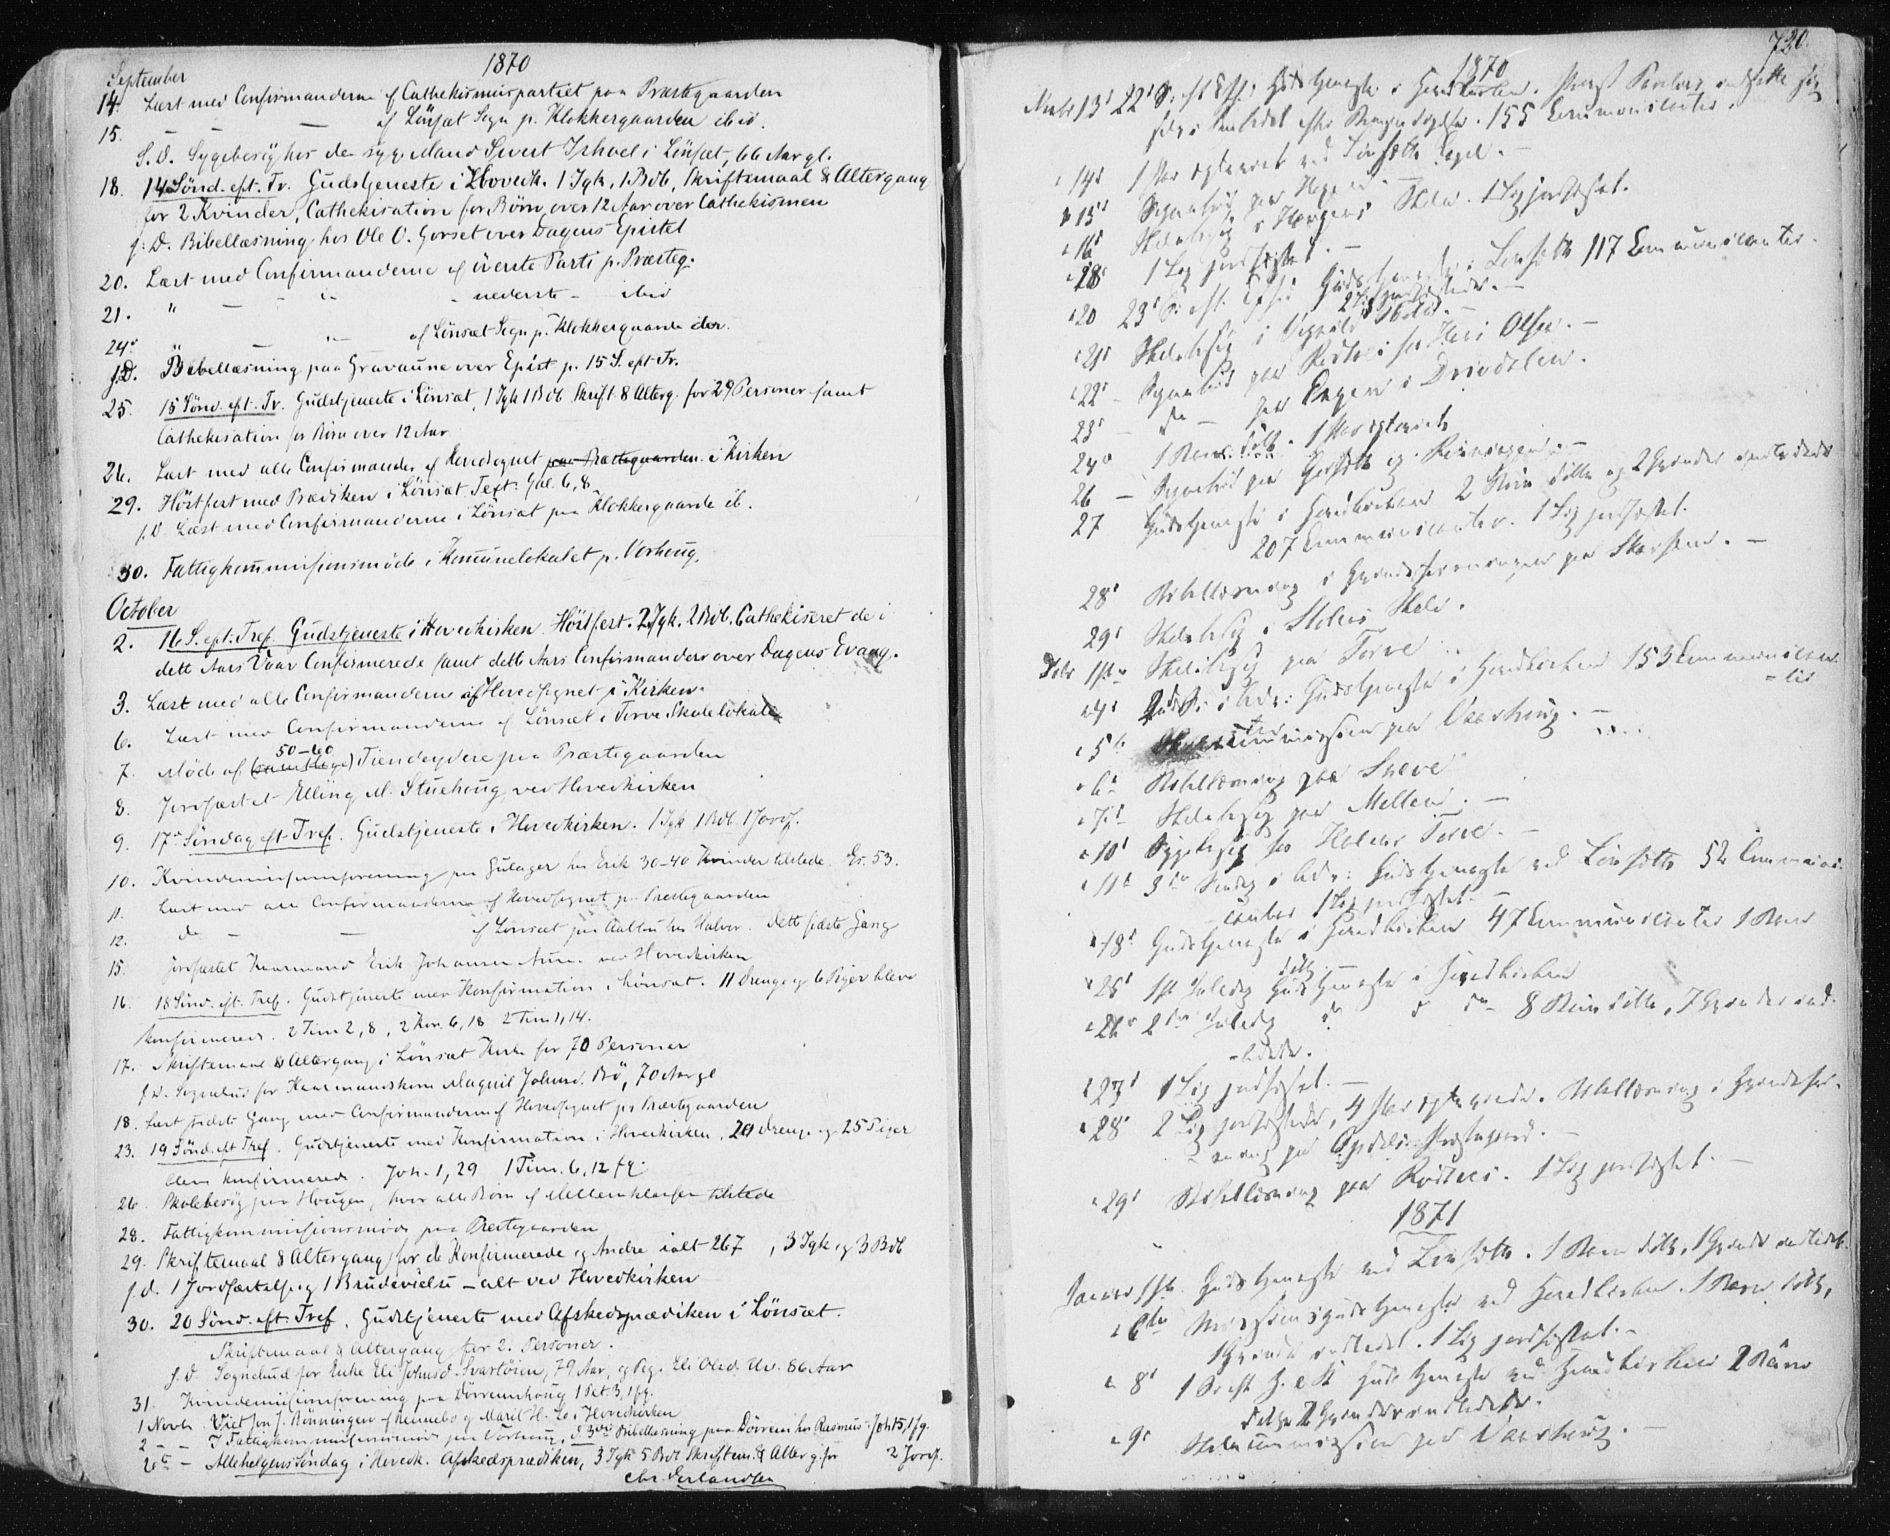 SAT, Ministerialprotokoller, klokkerbøker og fødselsregistre - Sør-Trøndelag, 678/L0899: Ministerialbok nr. 678A08, 1848-1872, s. 720